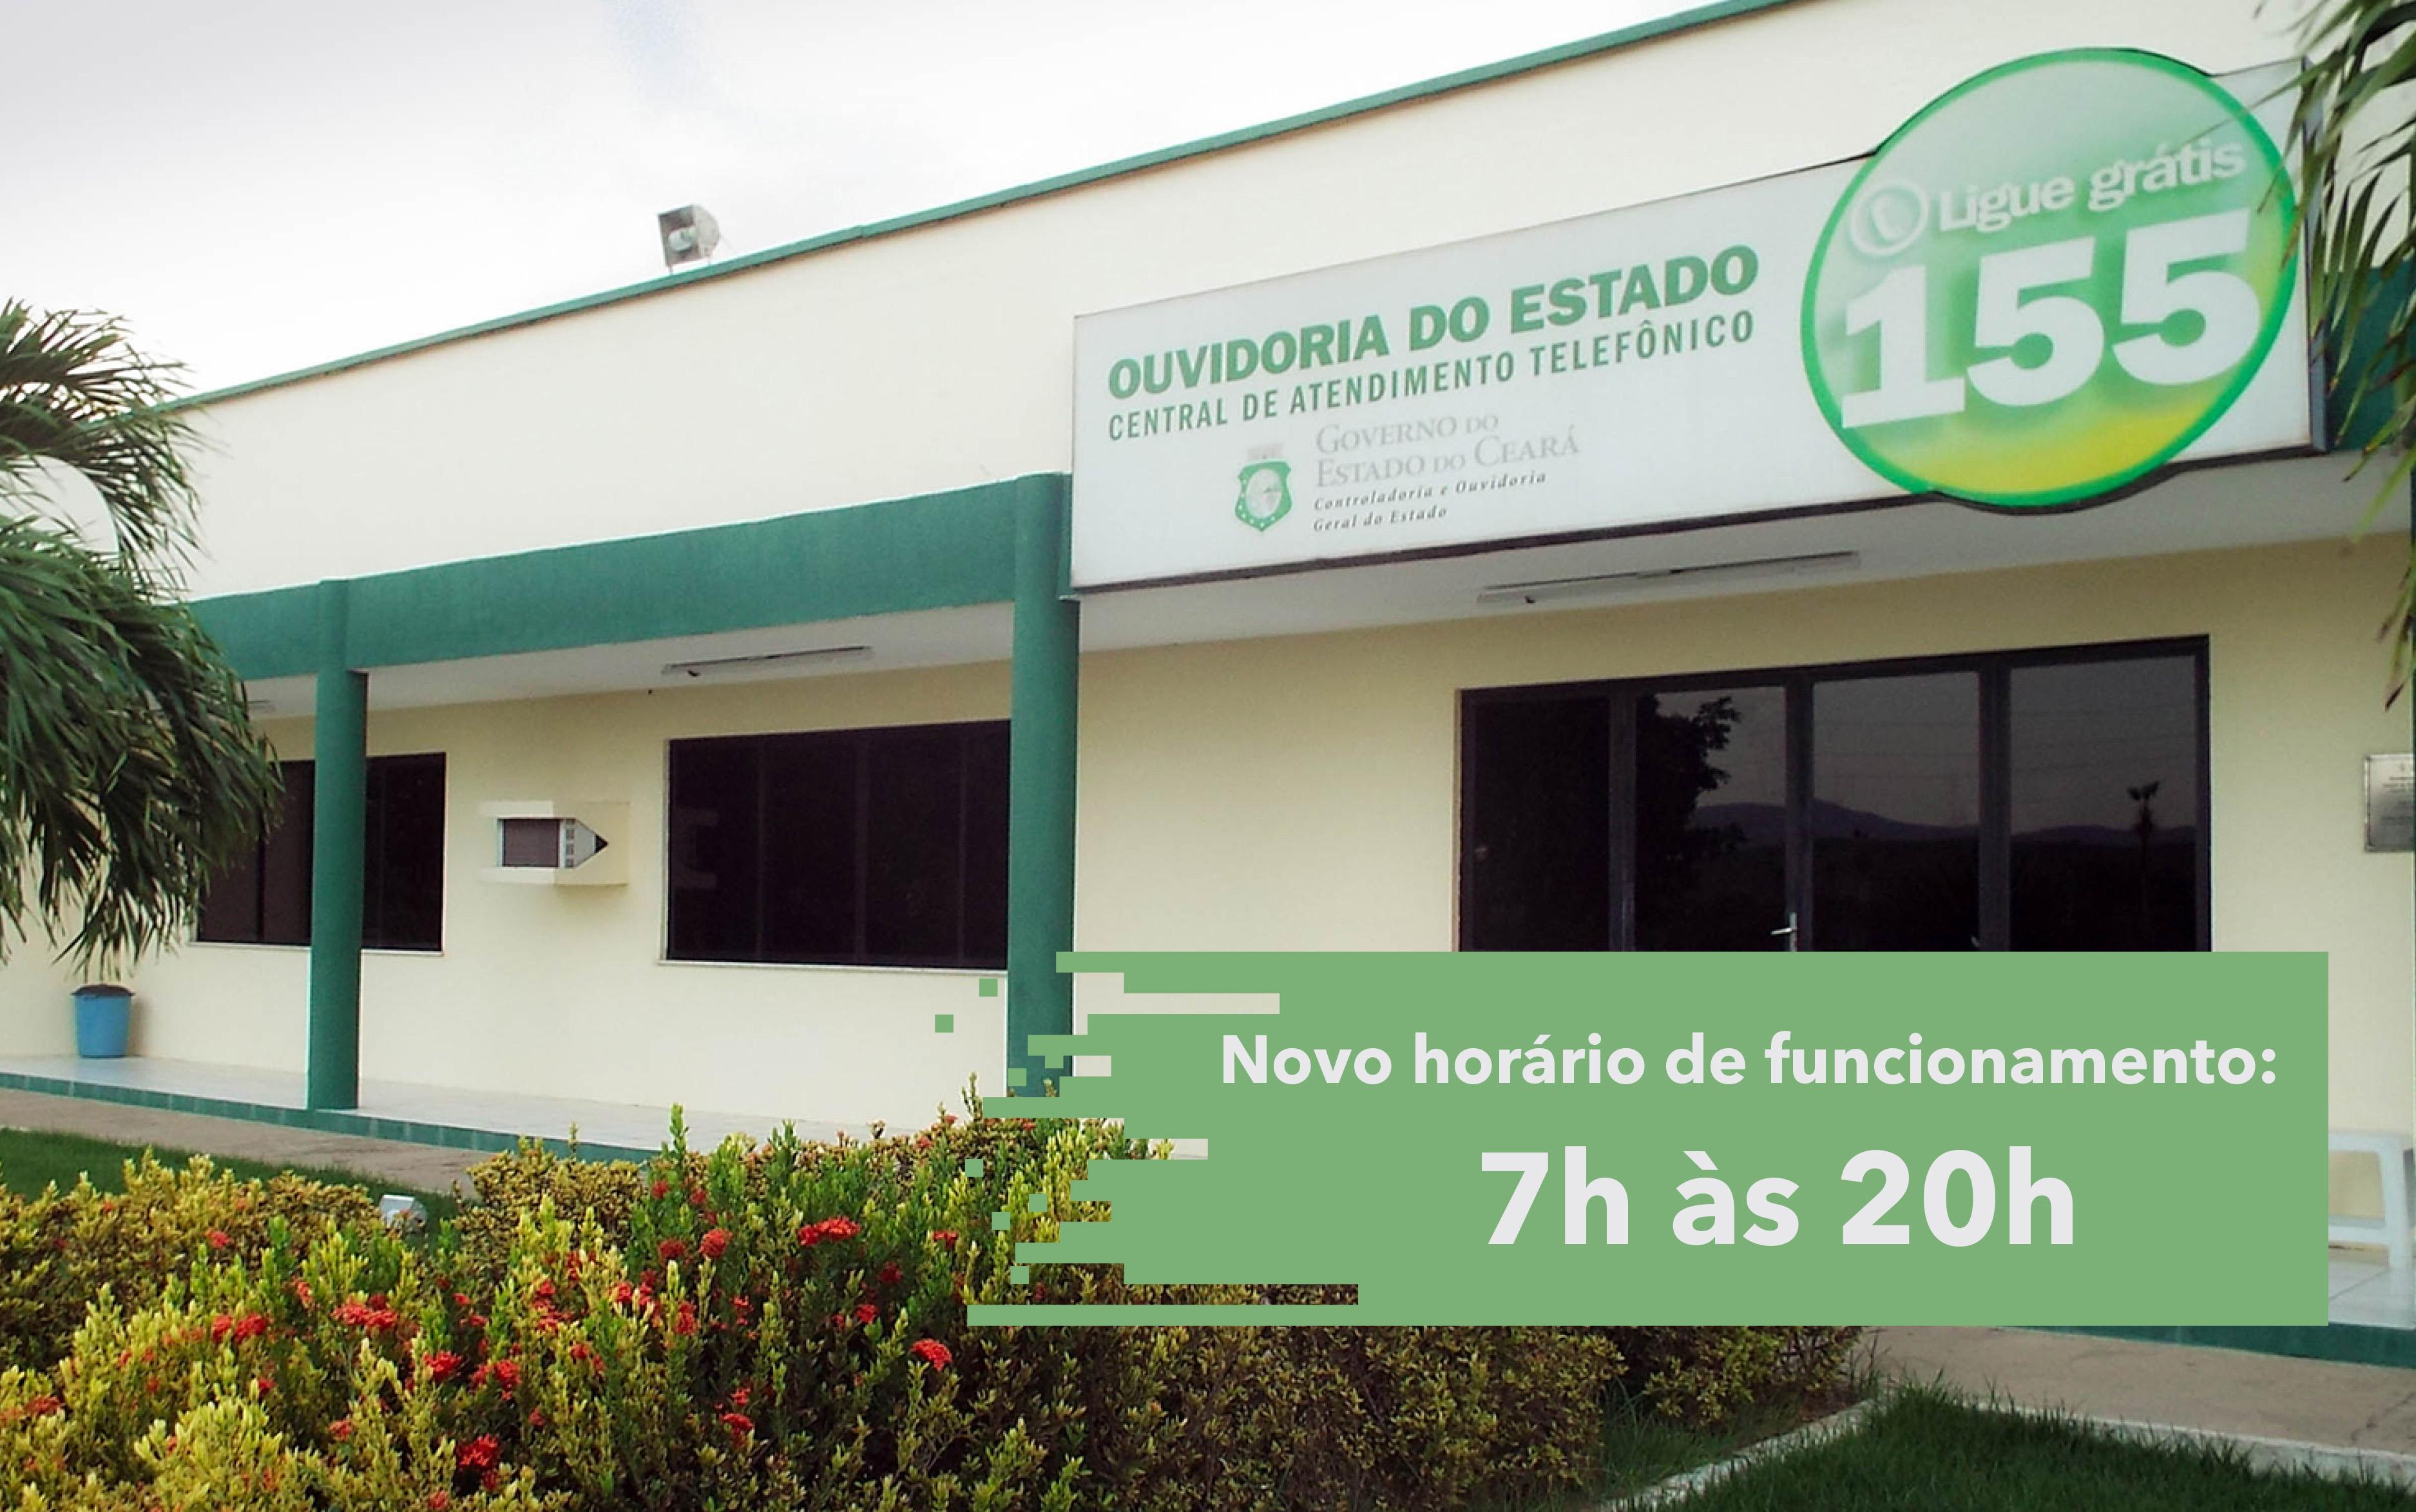 Governo do Estado do Ceará amplia atendimento telefônico de ouvidoria e acesso à informação